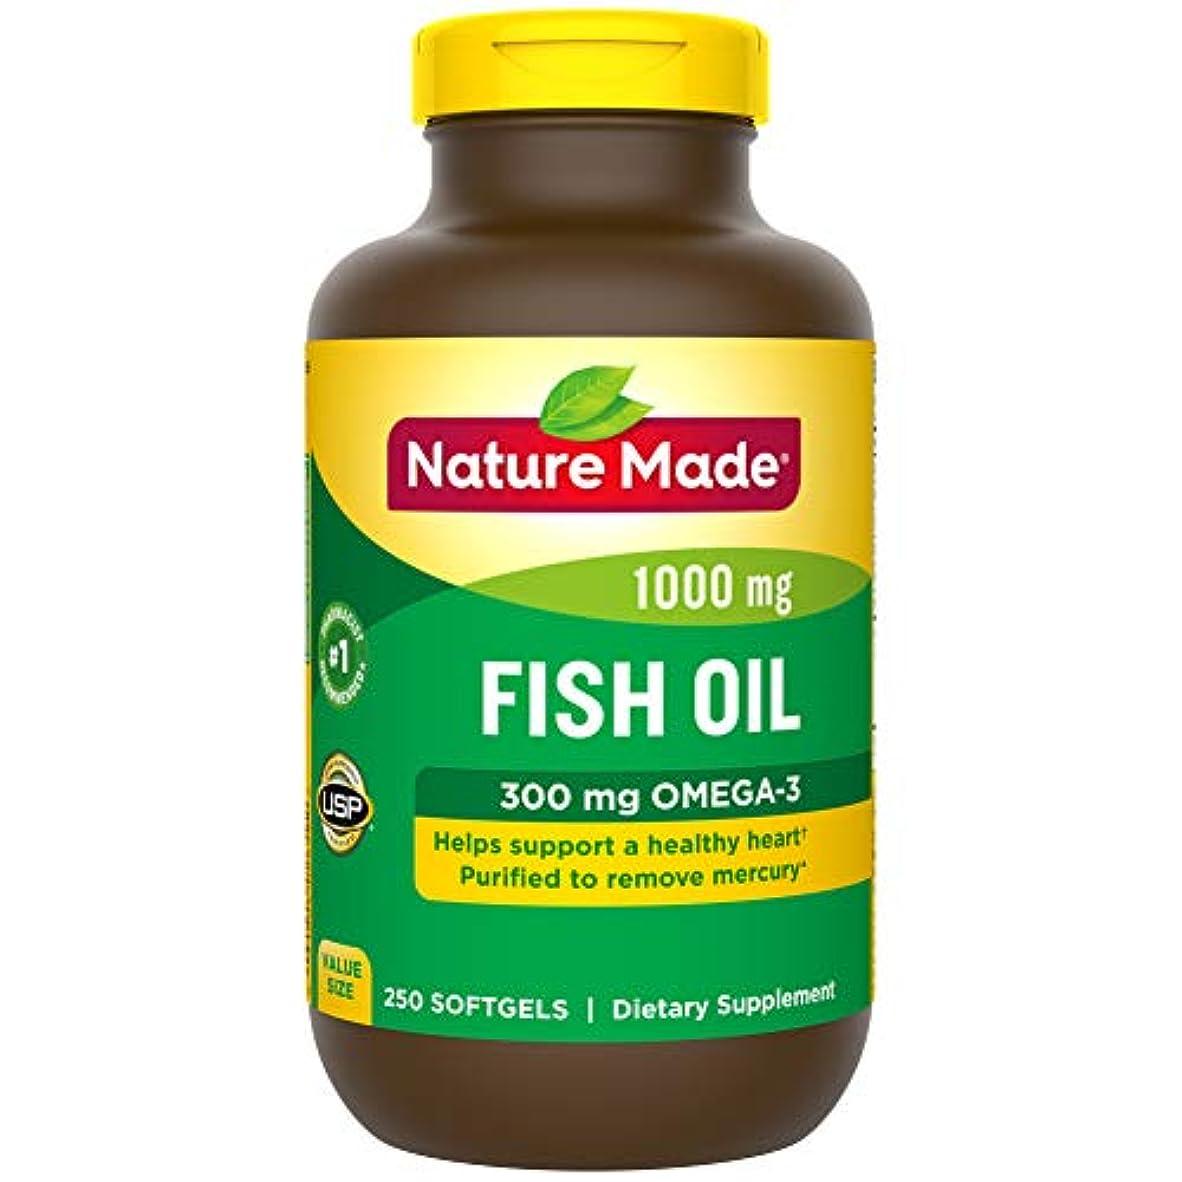 シロナガスクジラ望む難破船Nature Made Fish Oil 1000 Mg, Value Size, Softgels, 250-Count 海外直送品